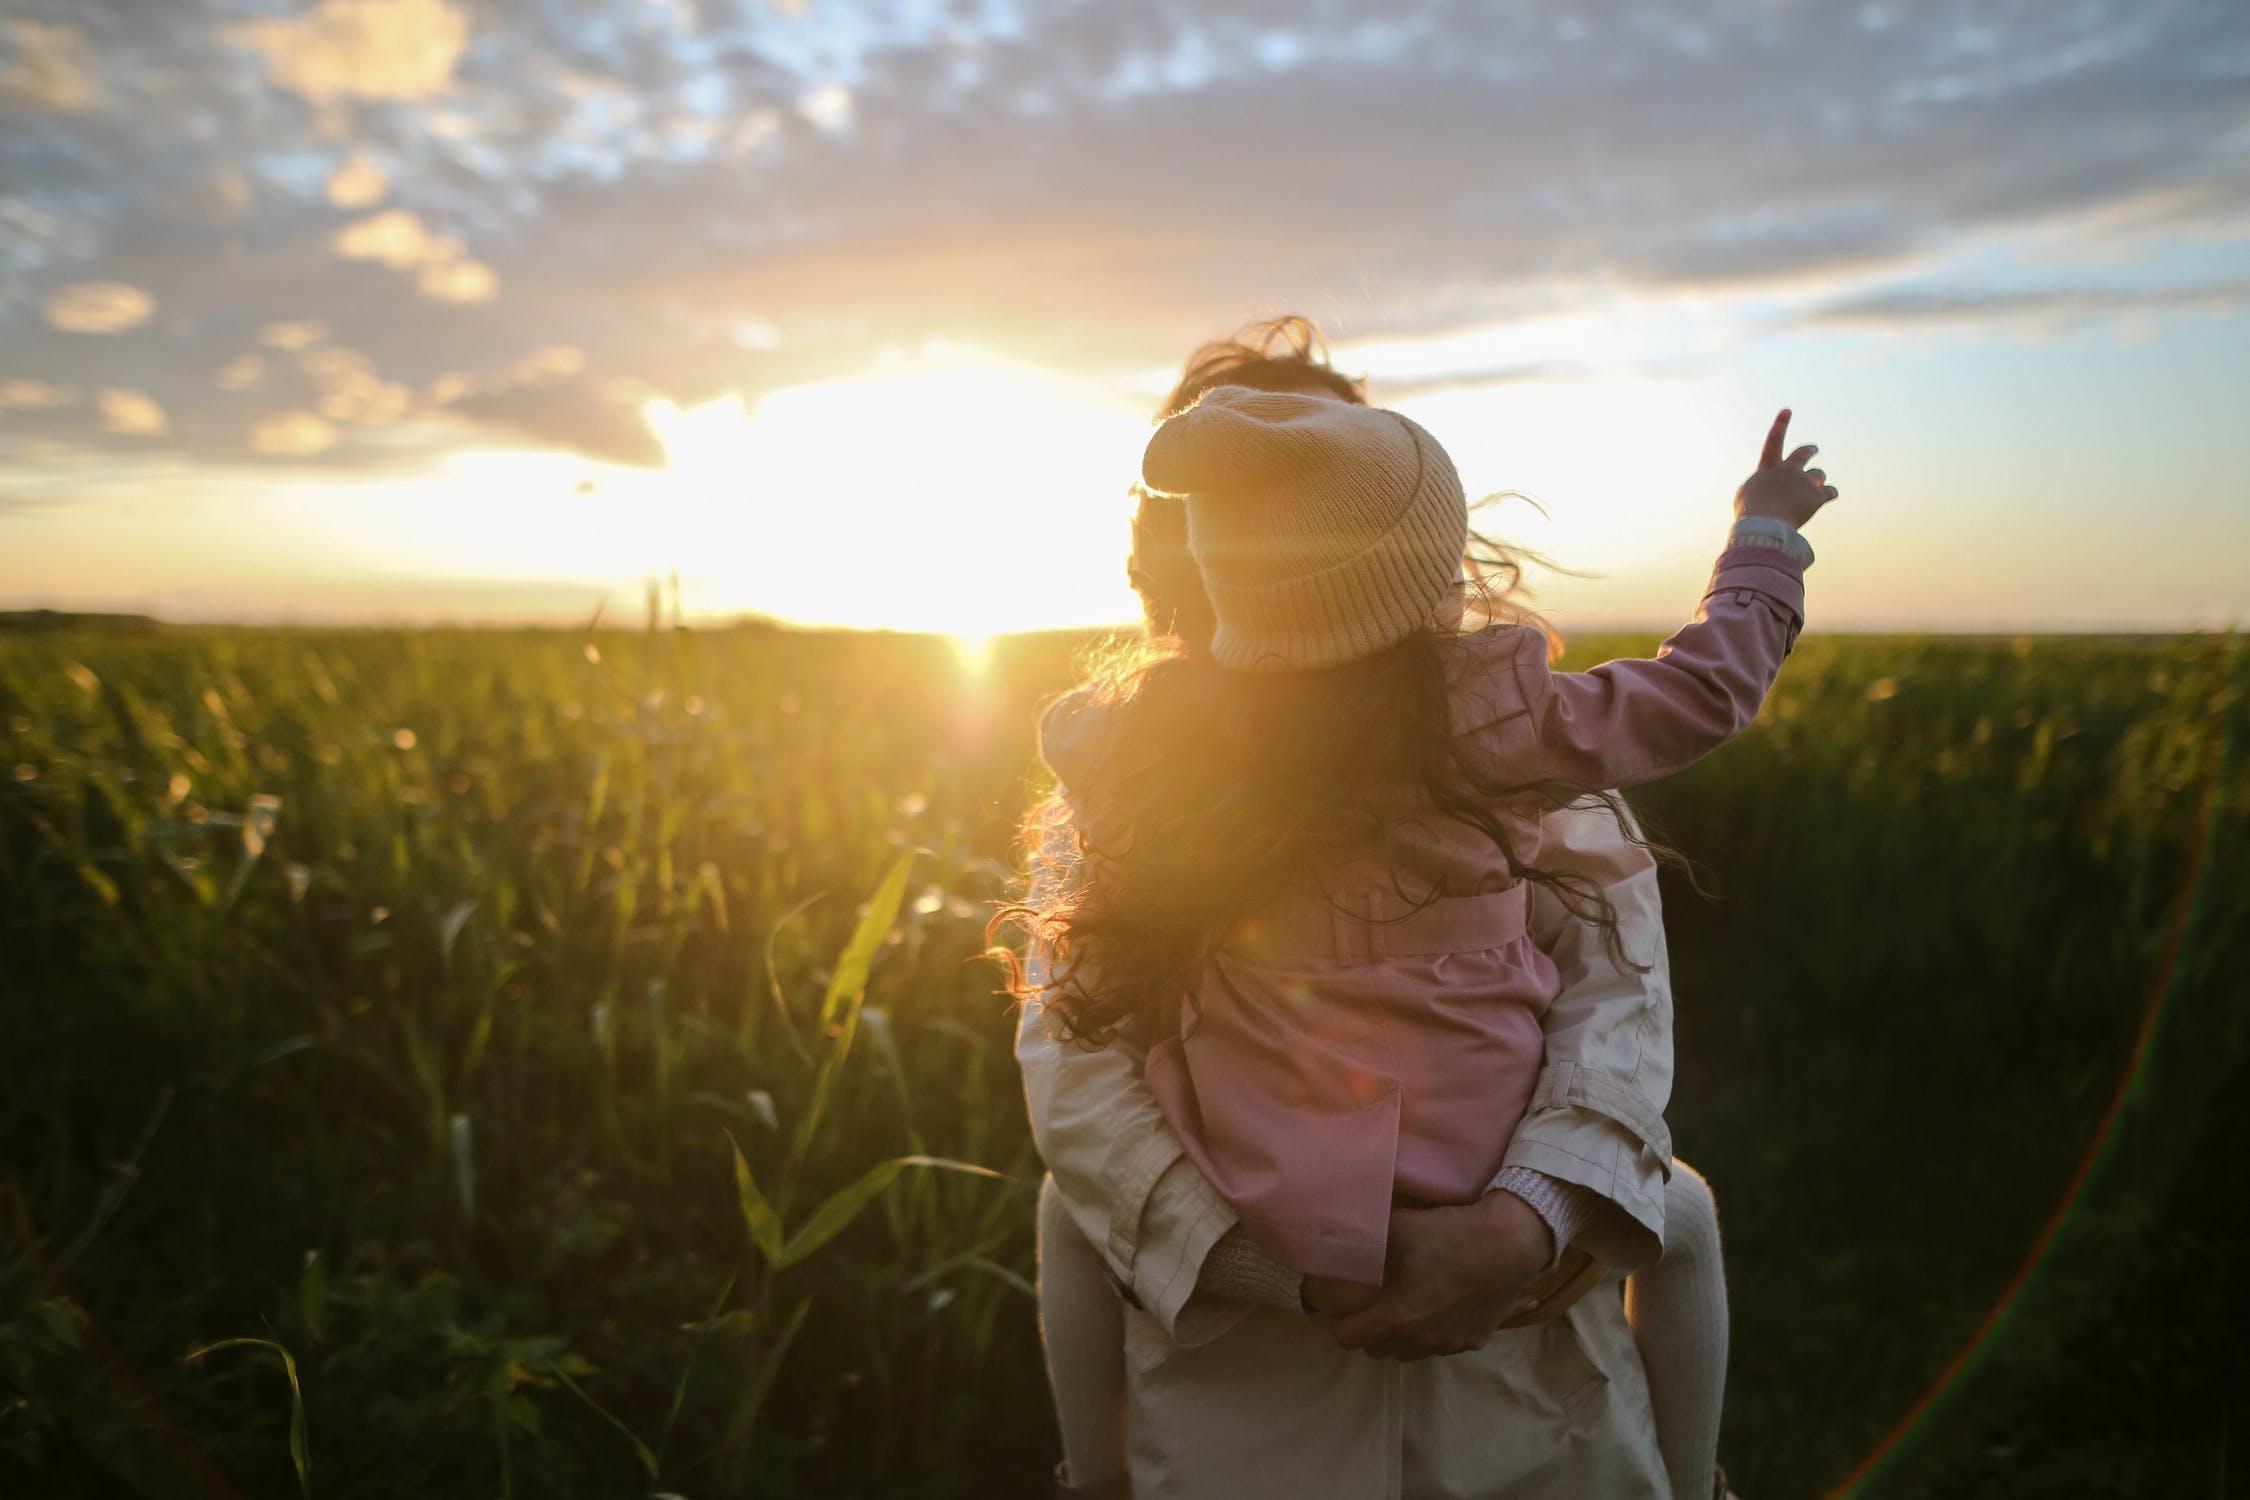 Las mujeres tienen derecho a decidir libremente si quieren tener hijos o no: CODHEM